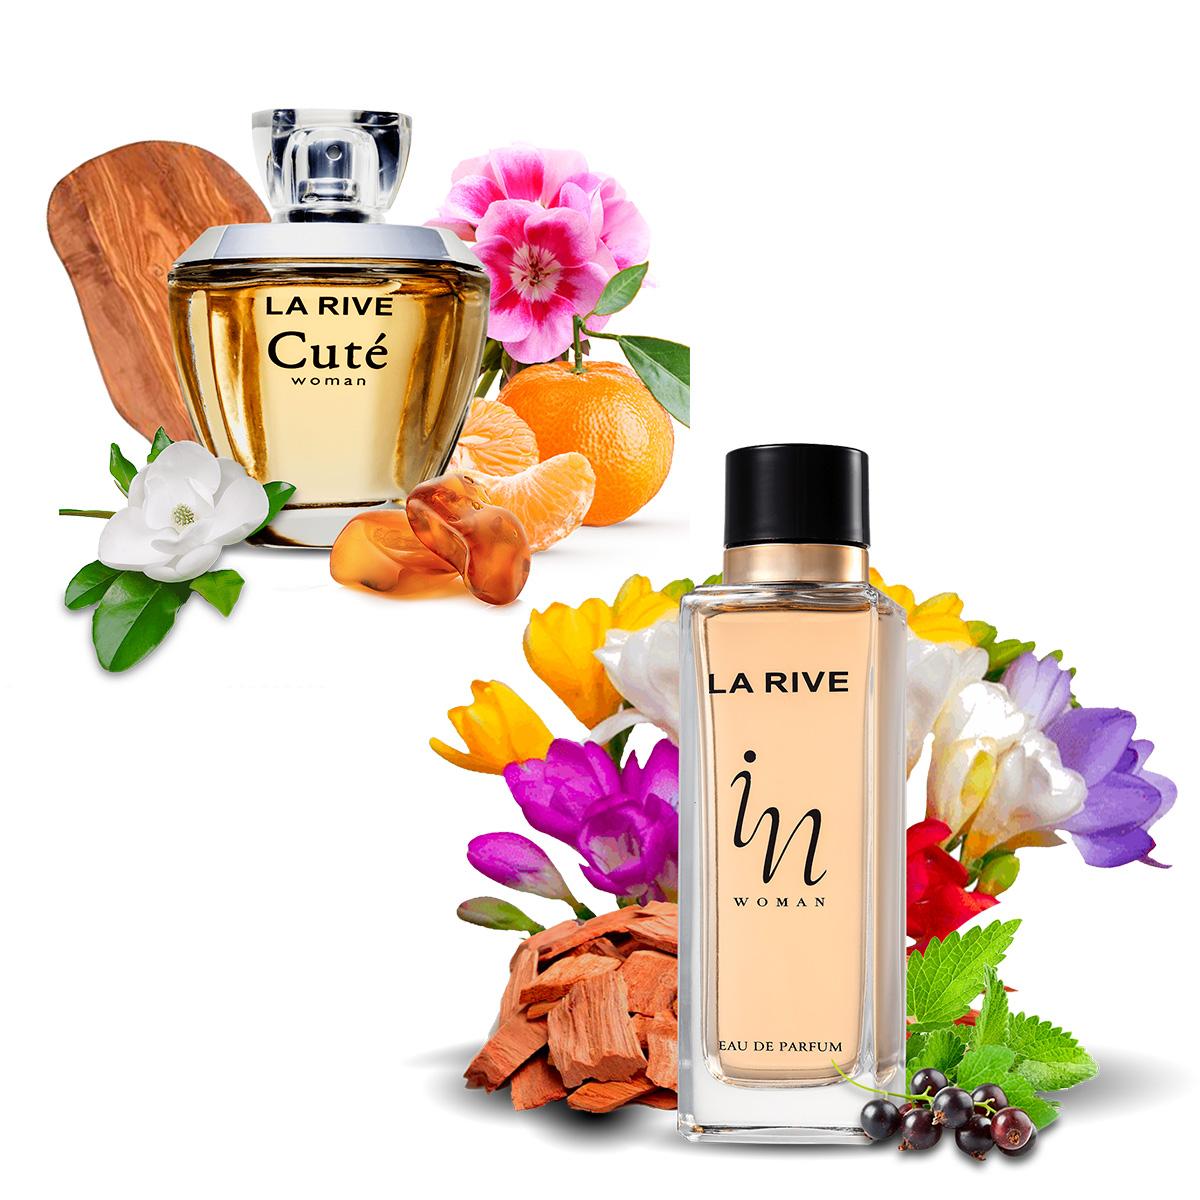 Kit 2  Perfumes Femininos La Rive Cuté 100Ml + In Woman 90ml